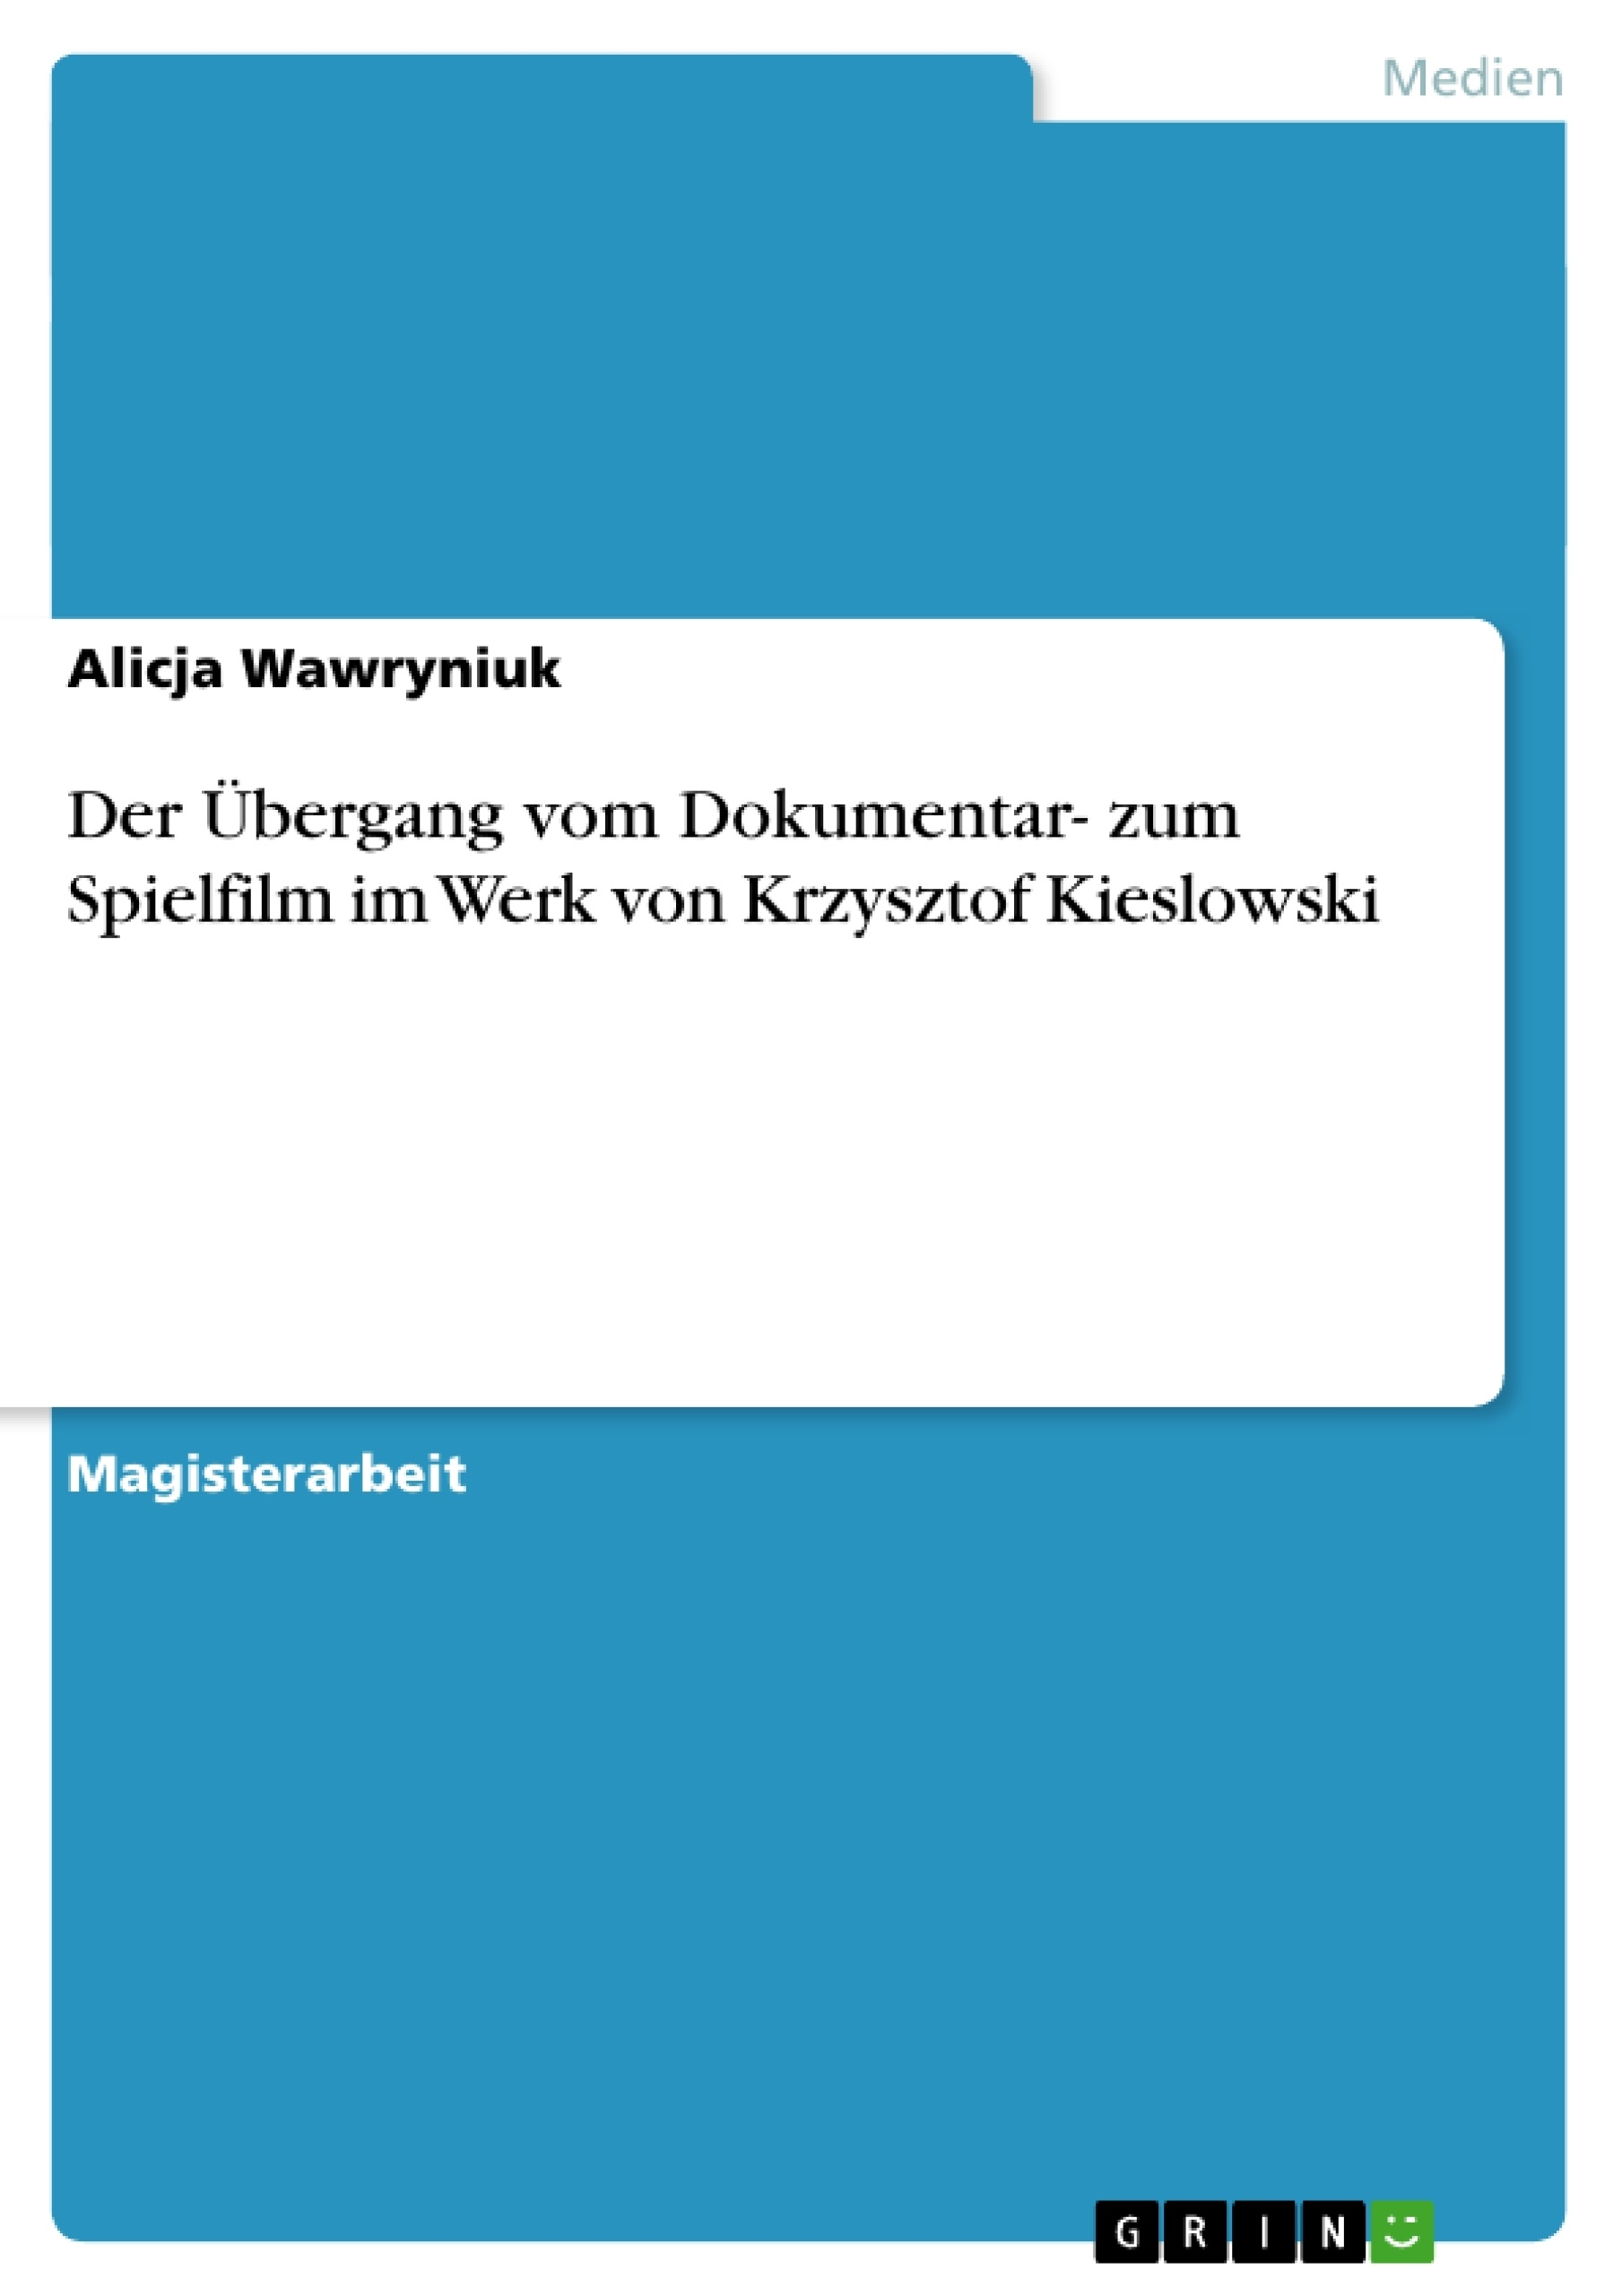 Titel: Der Übergang vom Dokumentar- zum Spielfilm im Werk von Krzysztof Kieslowski